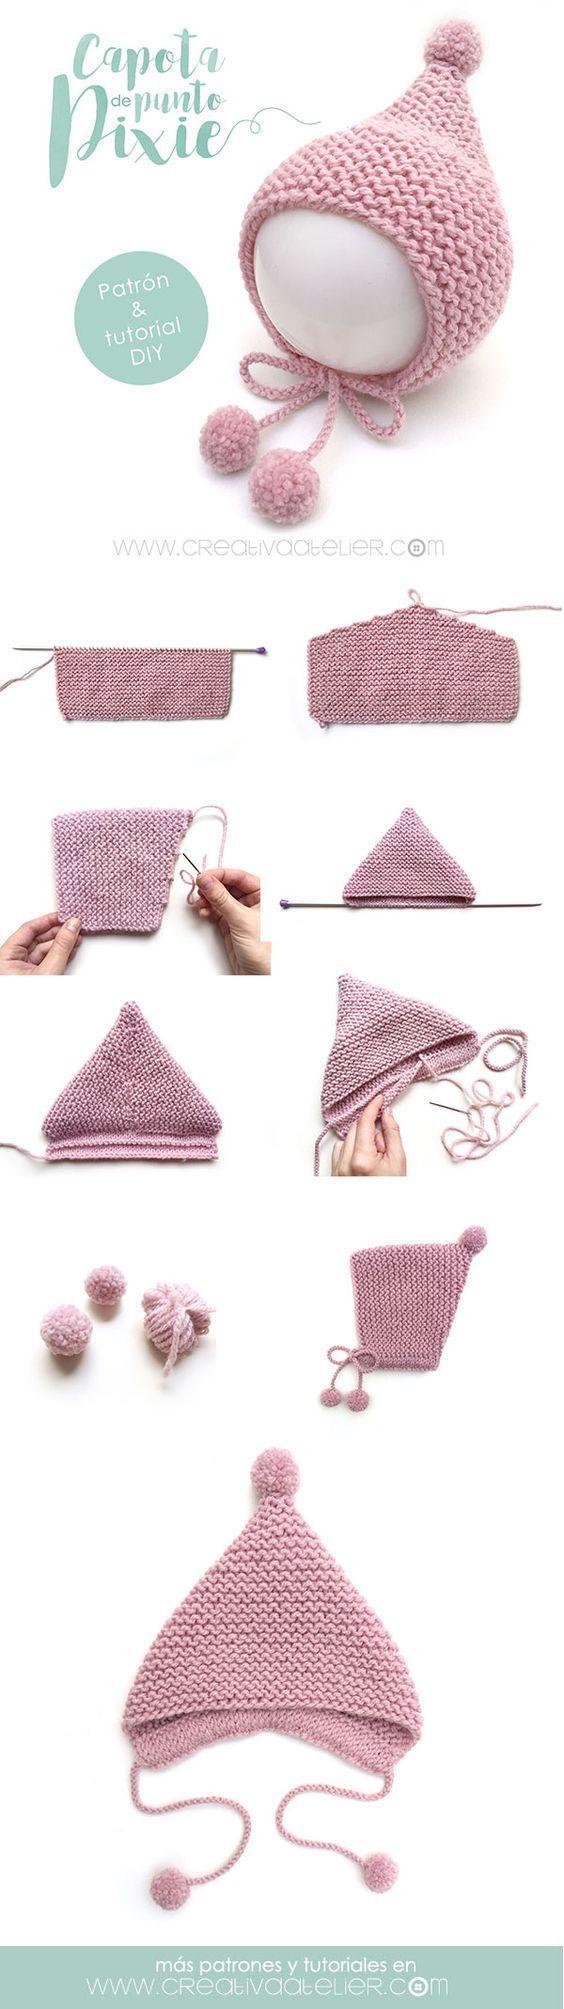 M s de 10 ideas incre bles sobre perchas para sombreros en - Percheros para sombreros ...